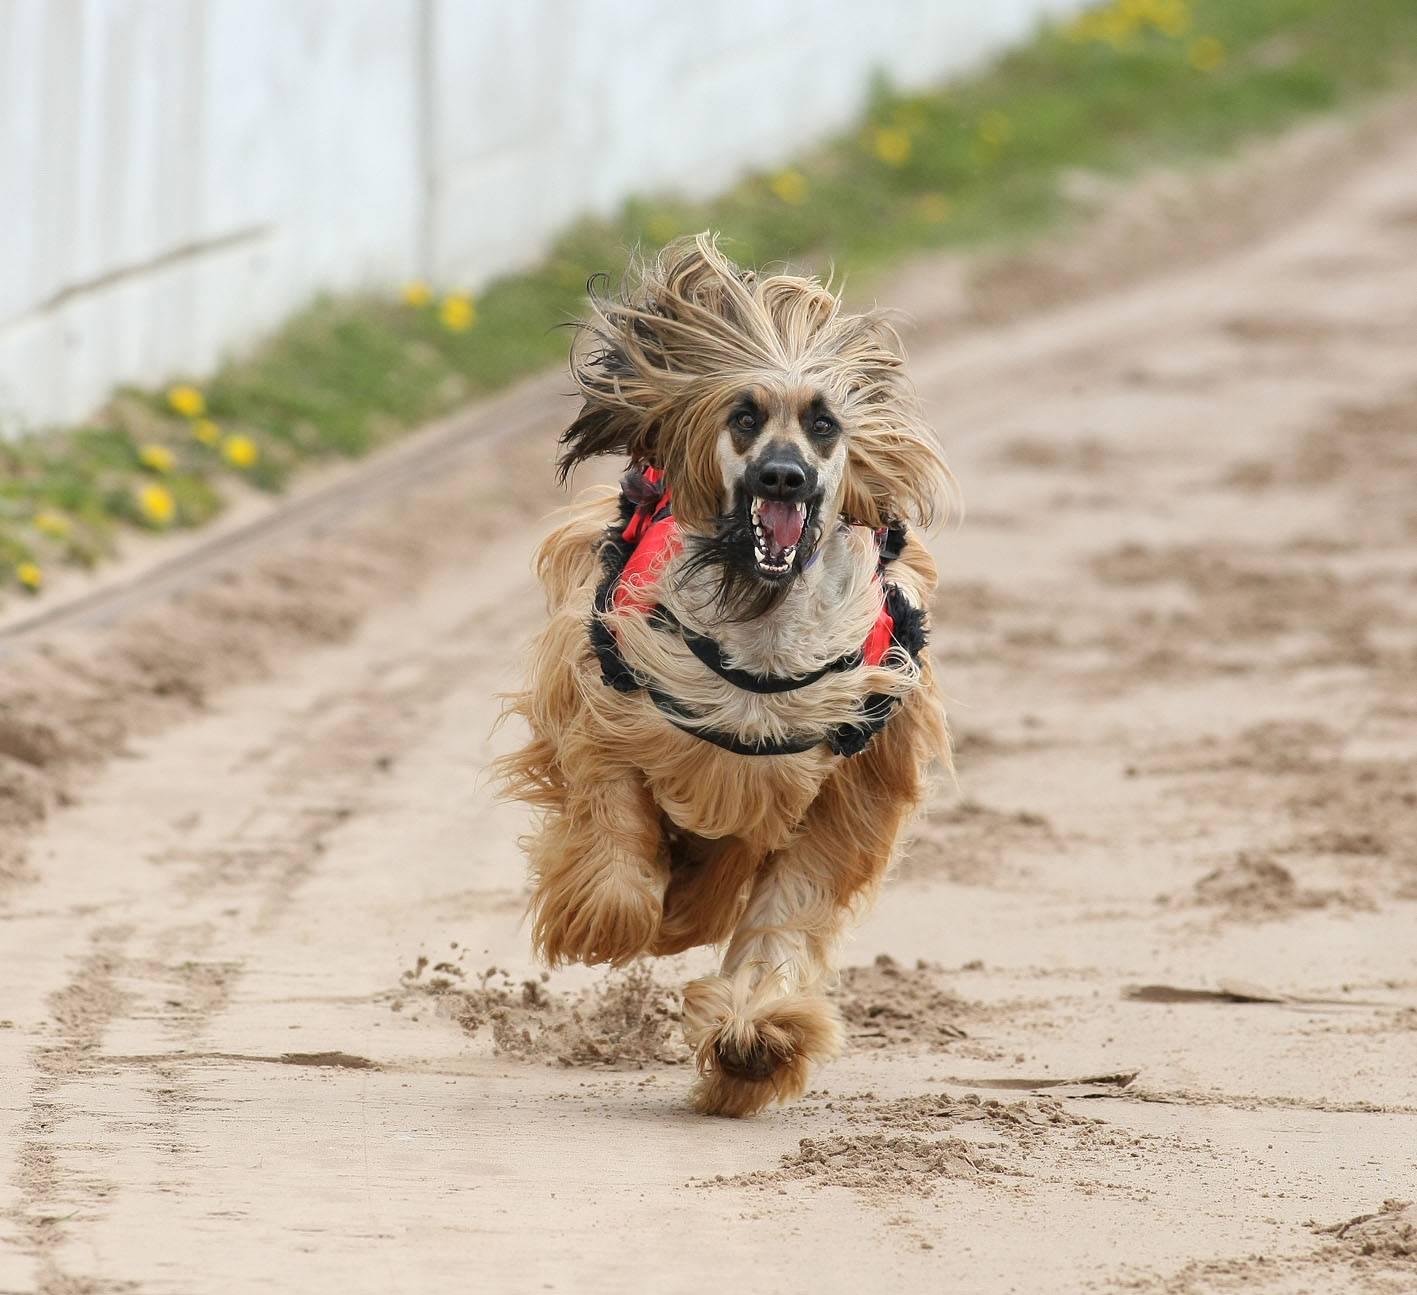 ᐉ 10 самых быстрых пород собак в мире: фото, описание и с какой скоростью бегают - kcc-zoo.ru